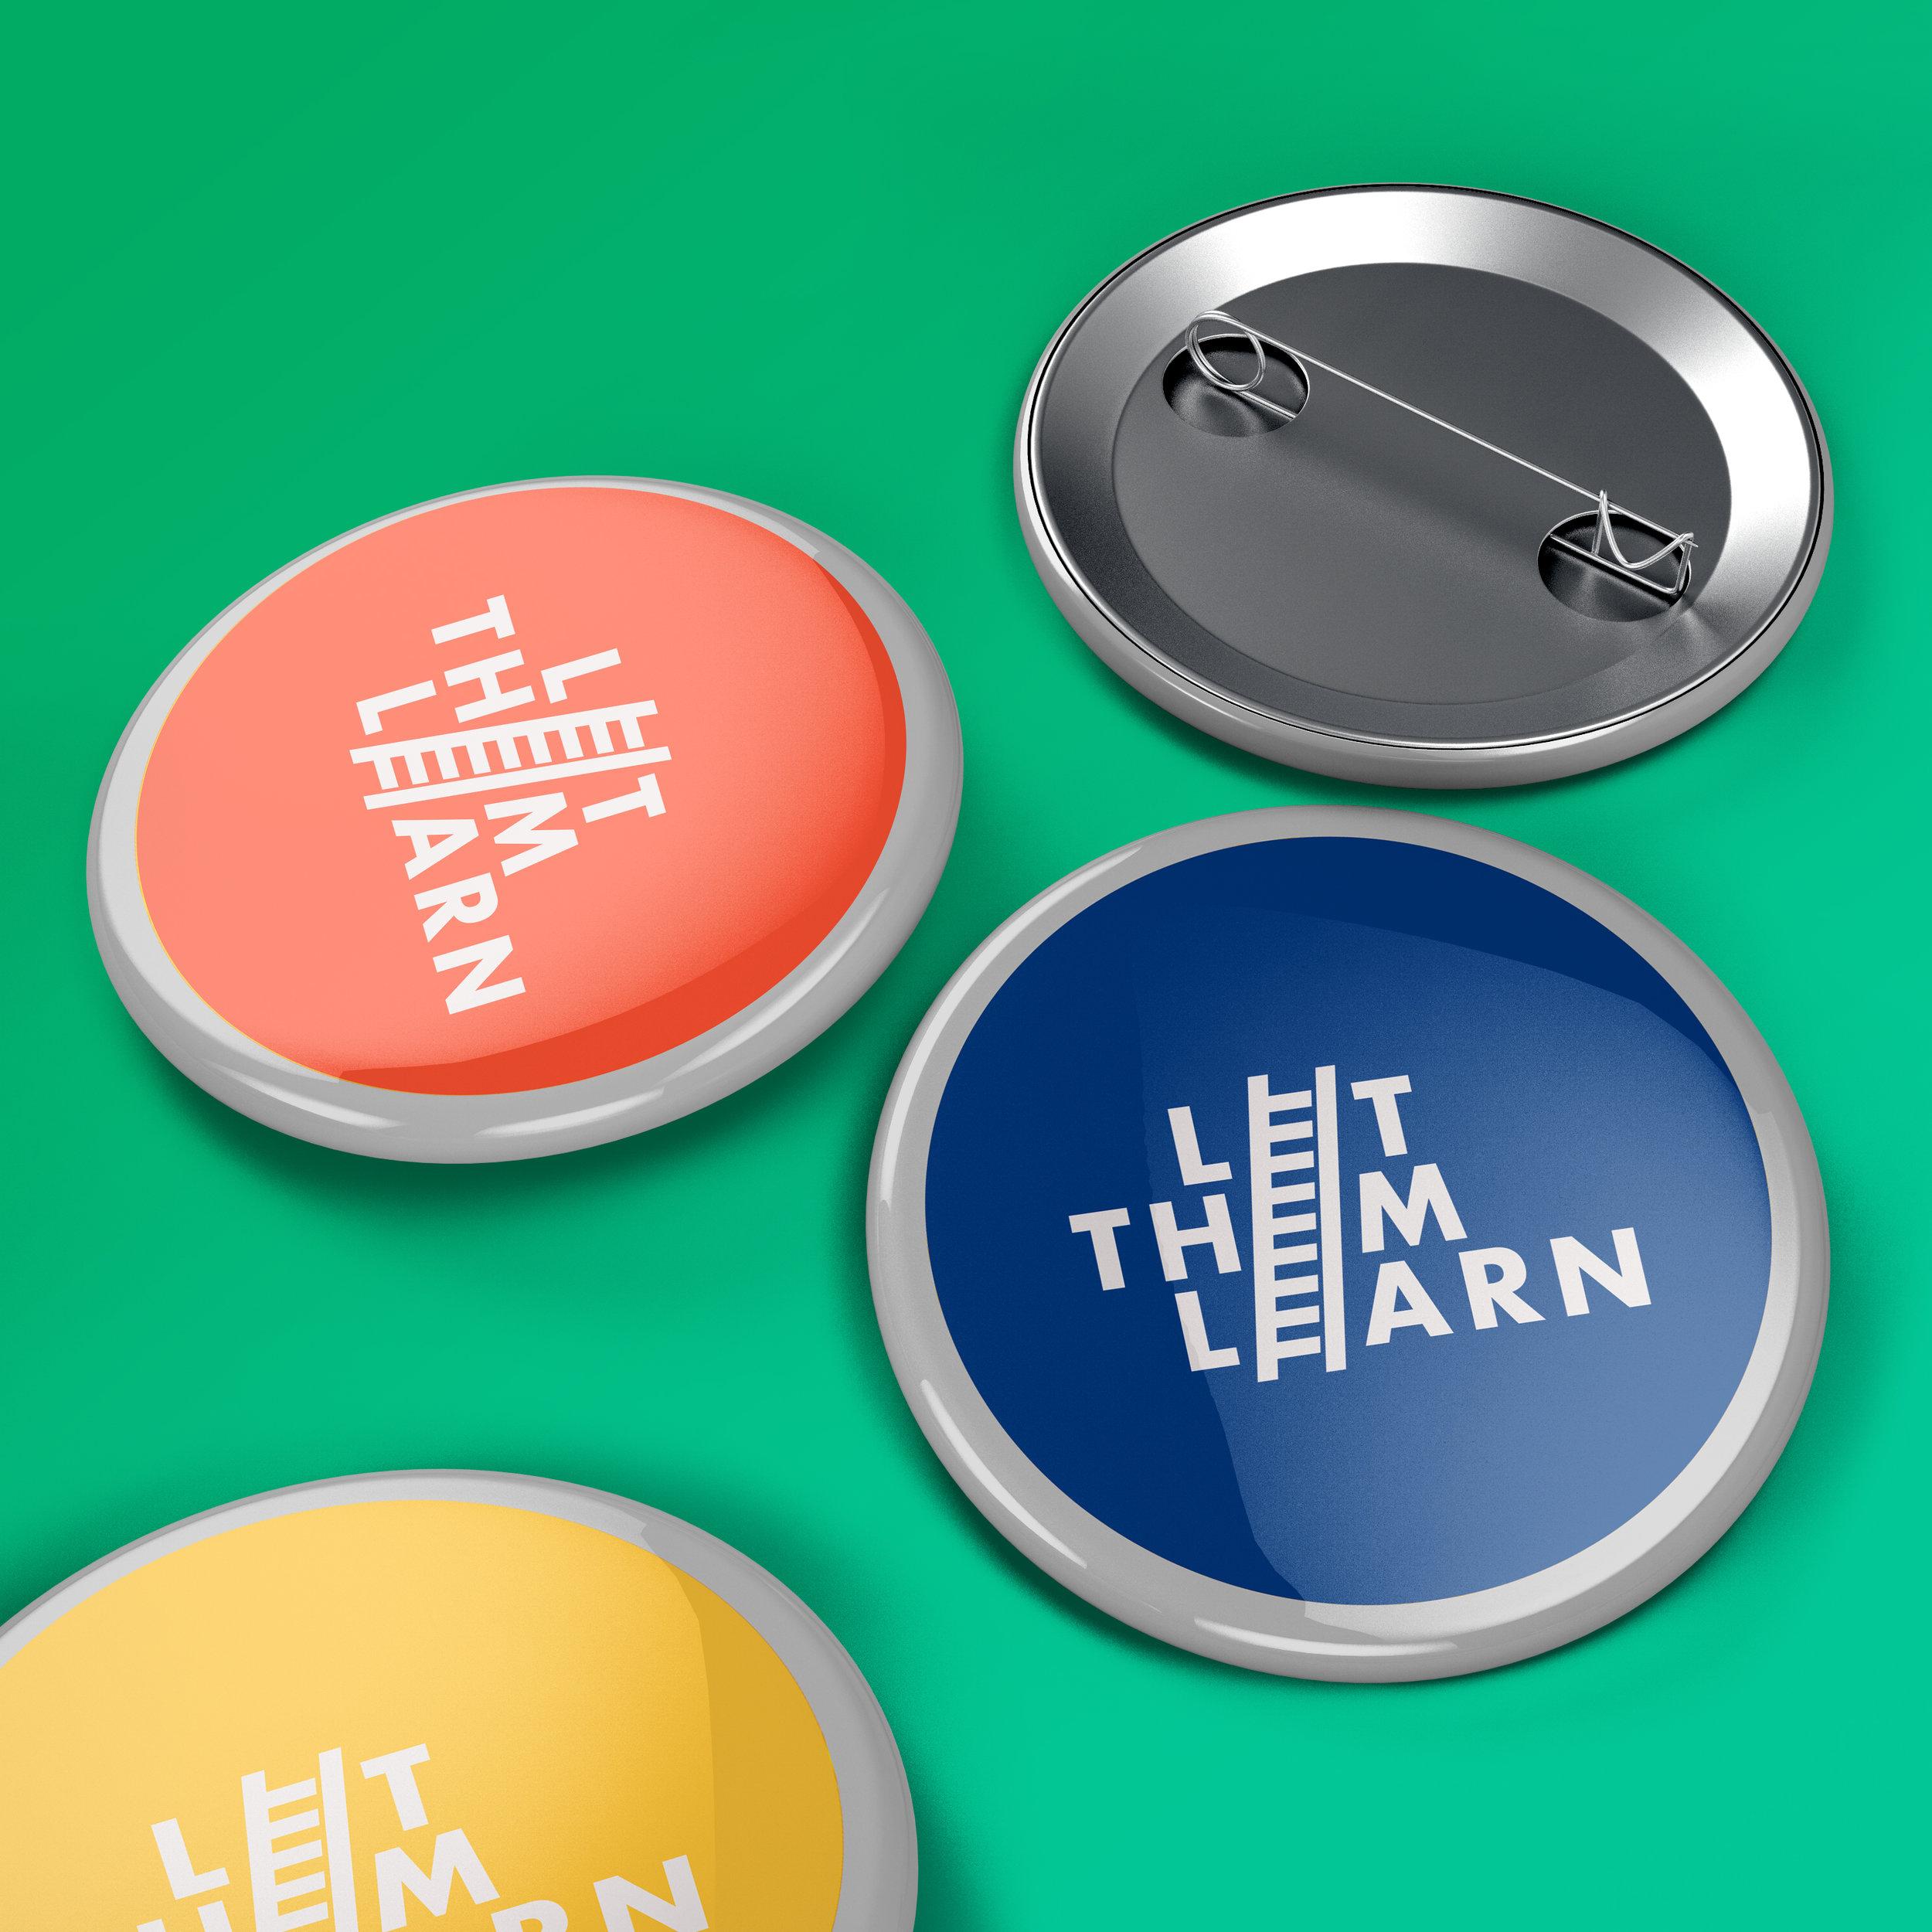 LetthemLearn_button2.jpg